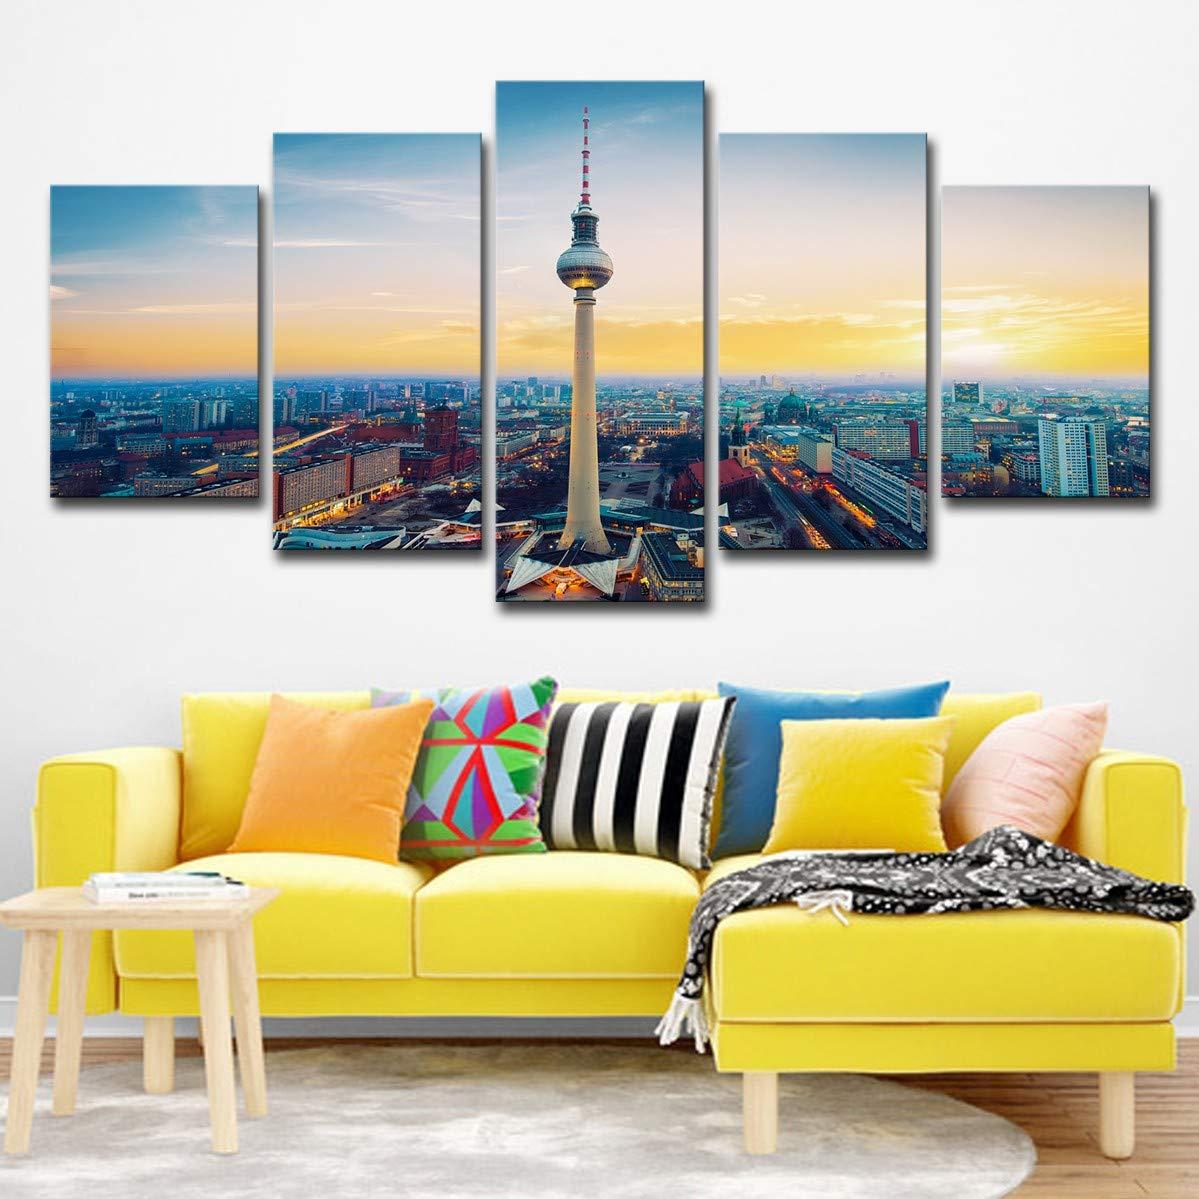 DYDONGWL Multi Panel Lienzo HD Imprime Fotos la para Arte de la Fotos Pared de la Sala 5 Piezas Pinturas TV Torre Paisaje Sala de Arte Sala de Estar decoración del hogar, 30X40cmX2 30X60cmX2 30X80cm 746d08